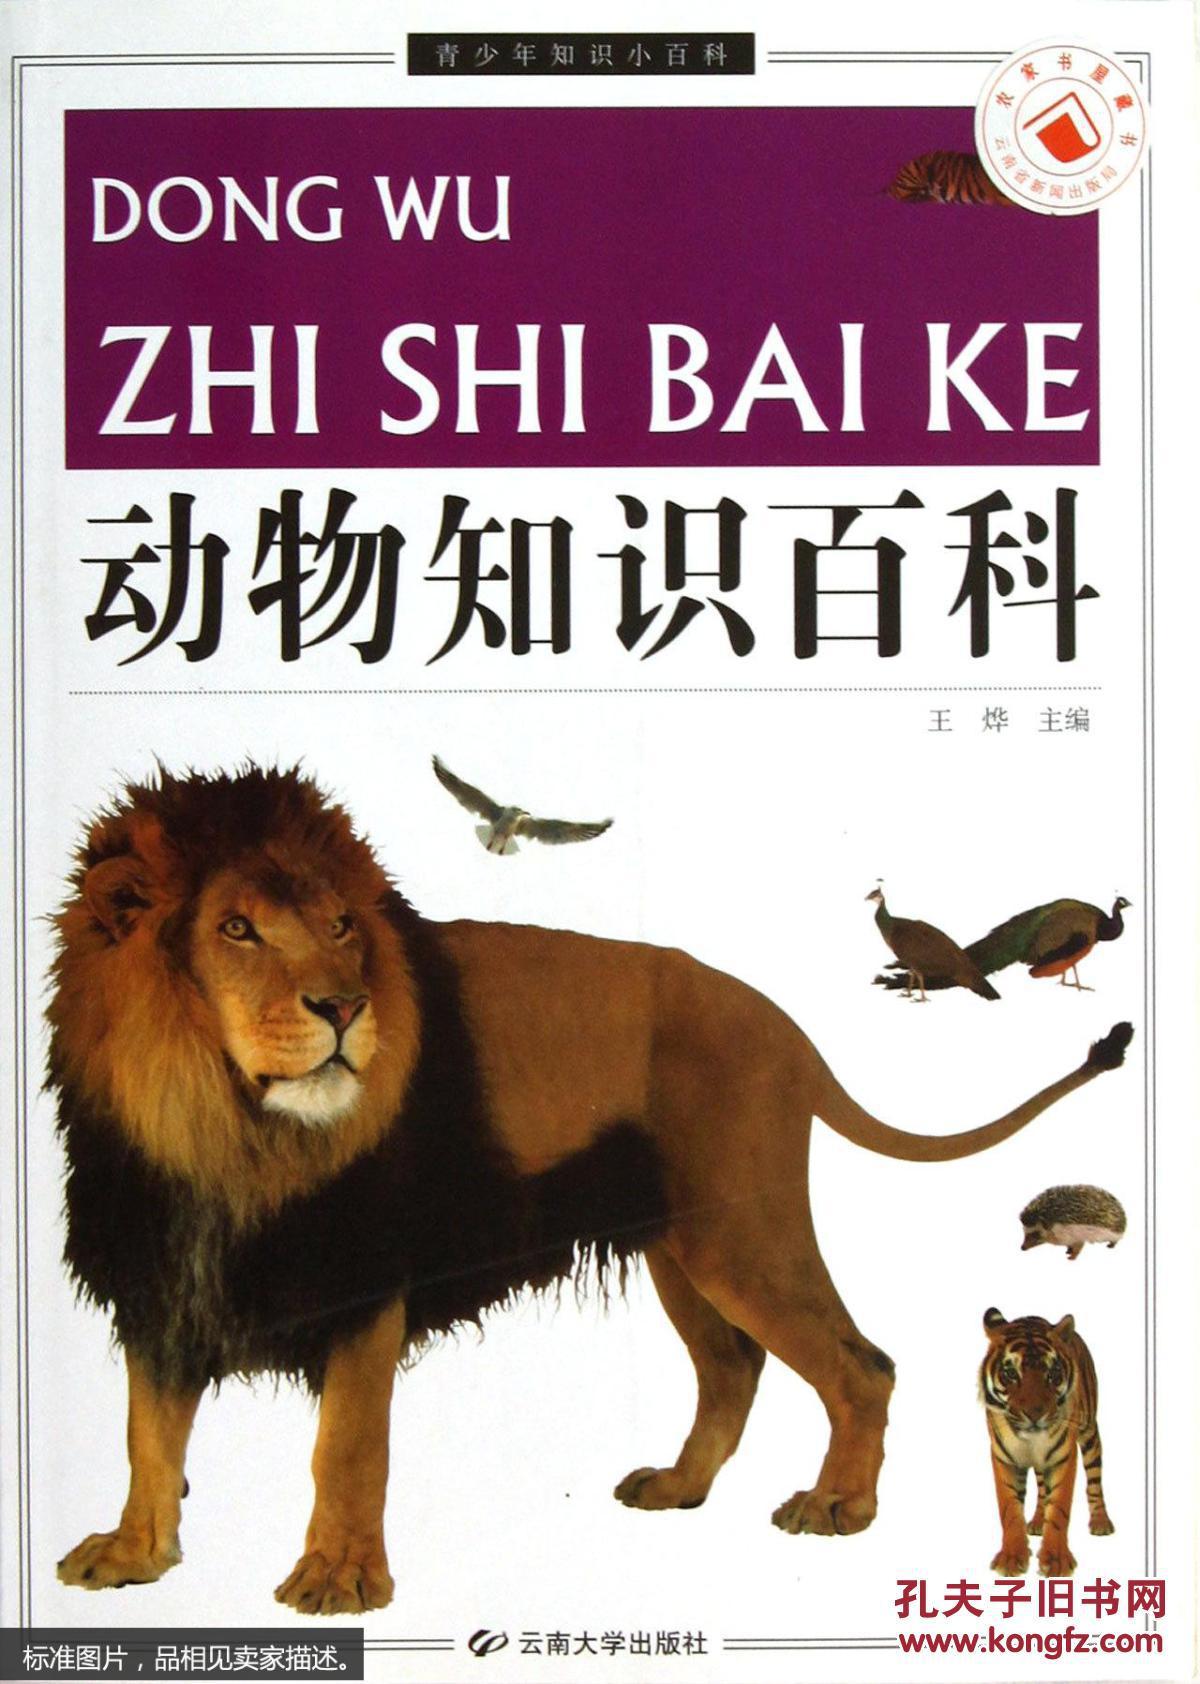 【图书描述】: 本书介绍了动物起源,动物演化,珍稀动物,动物趣闻